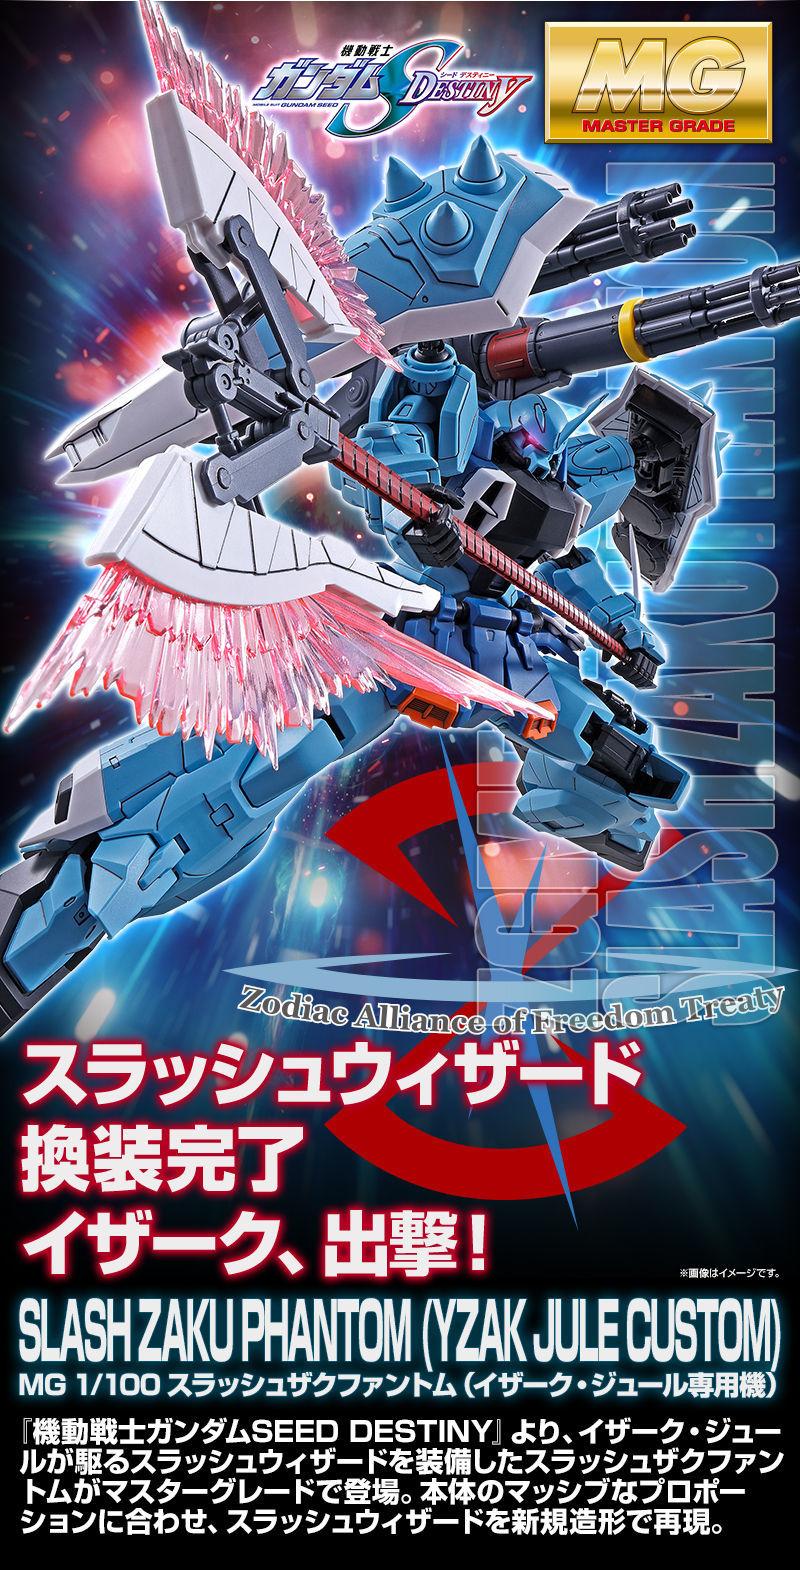 MG スラッシュザクファントム(イザーク・ジュール専用機)01